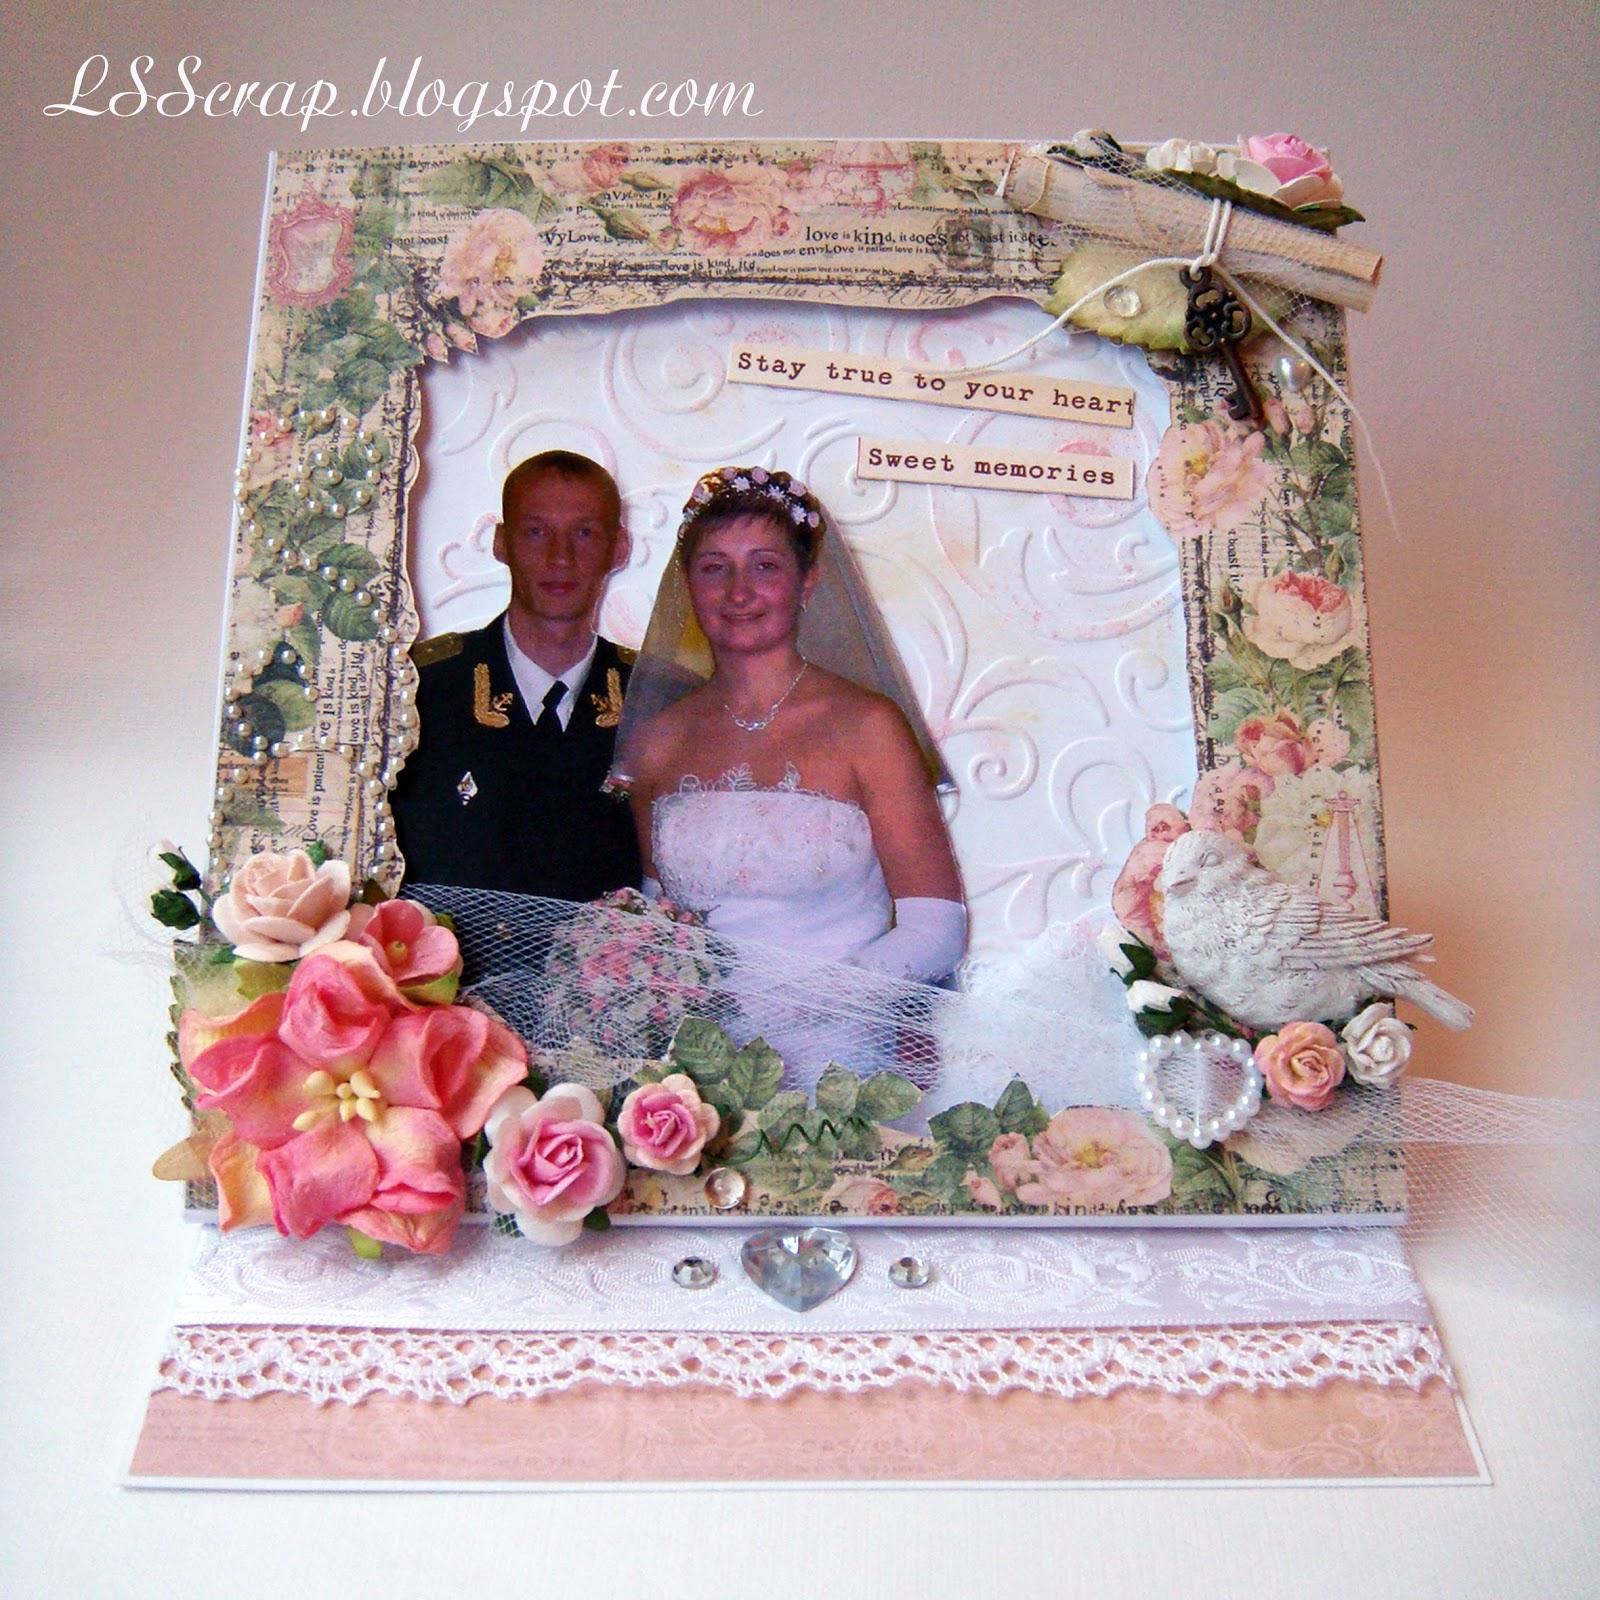 наталья и владимир путин свадьба фото